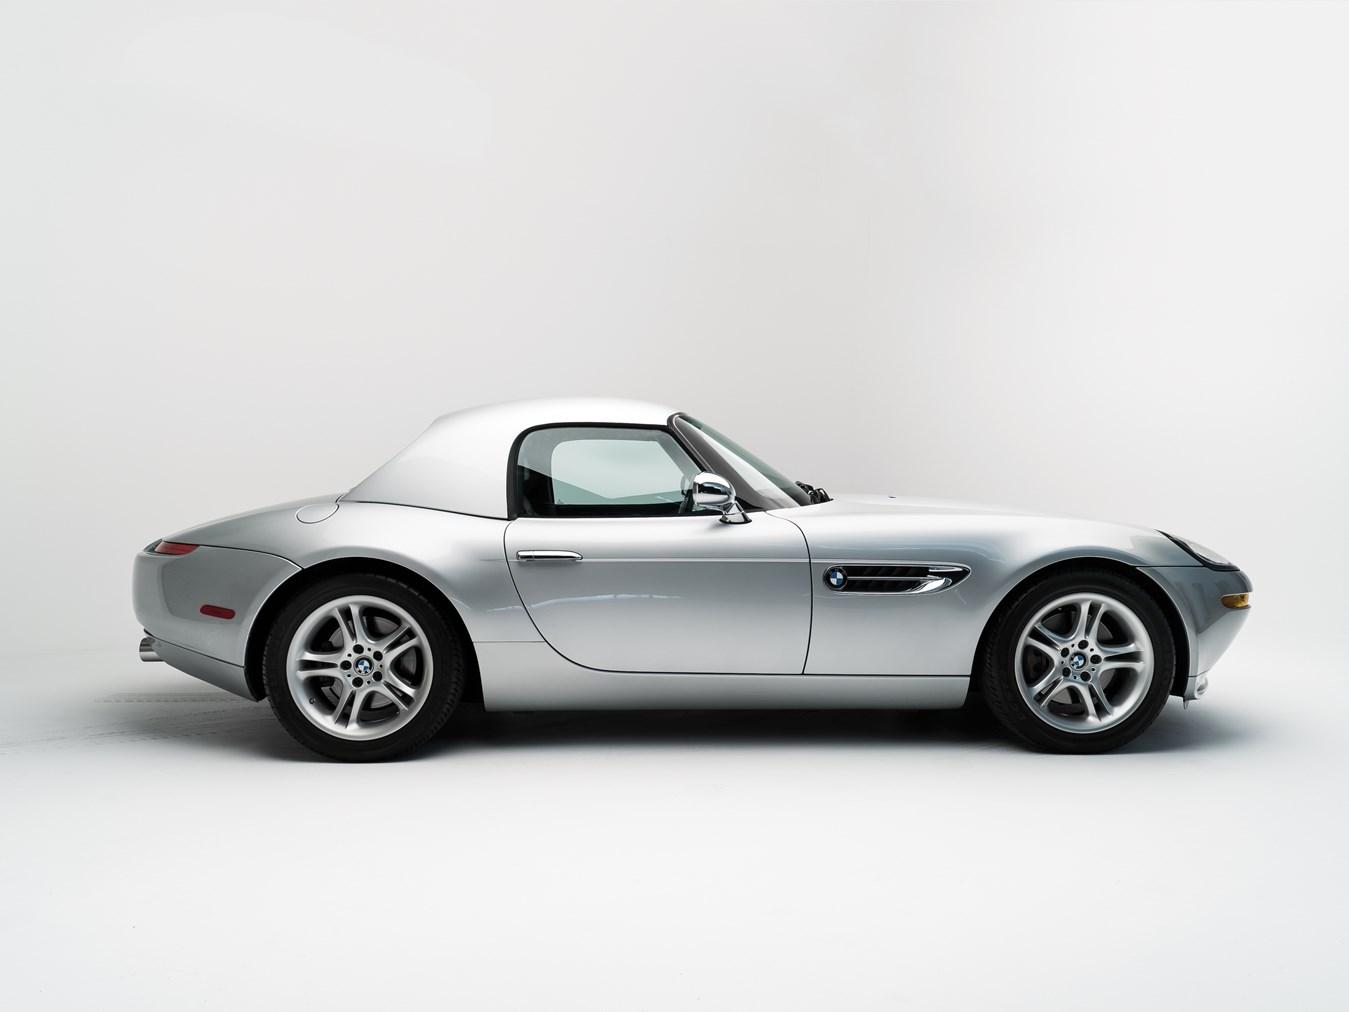 2000 BMW Z8 profile